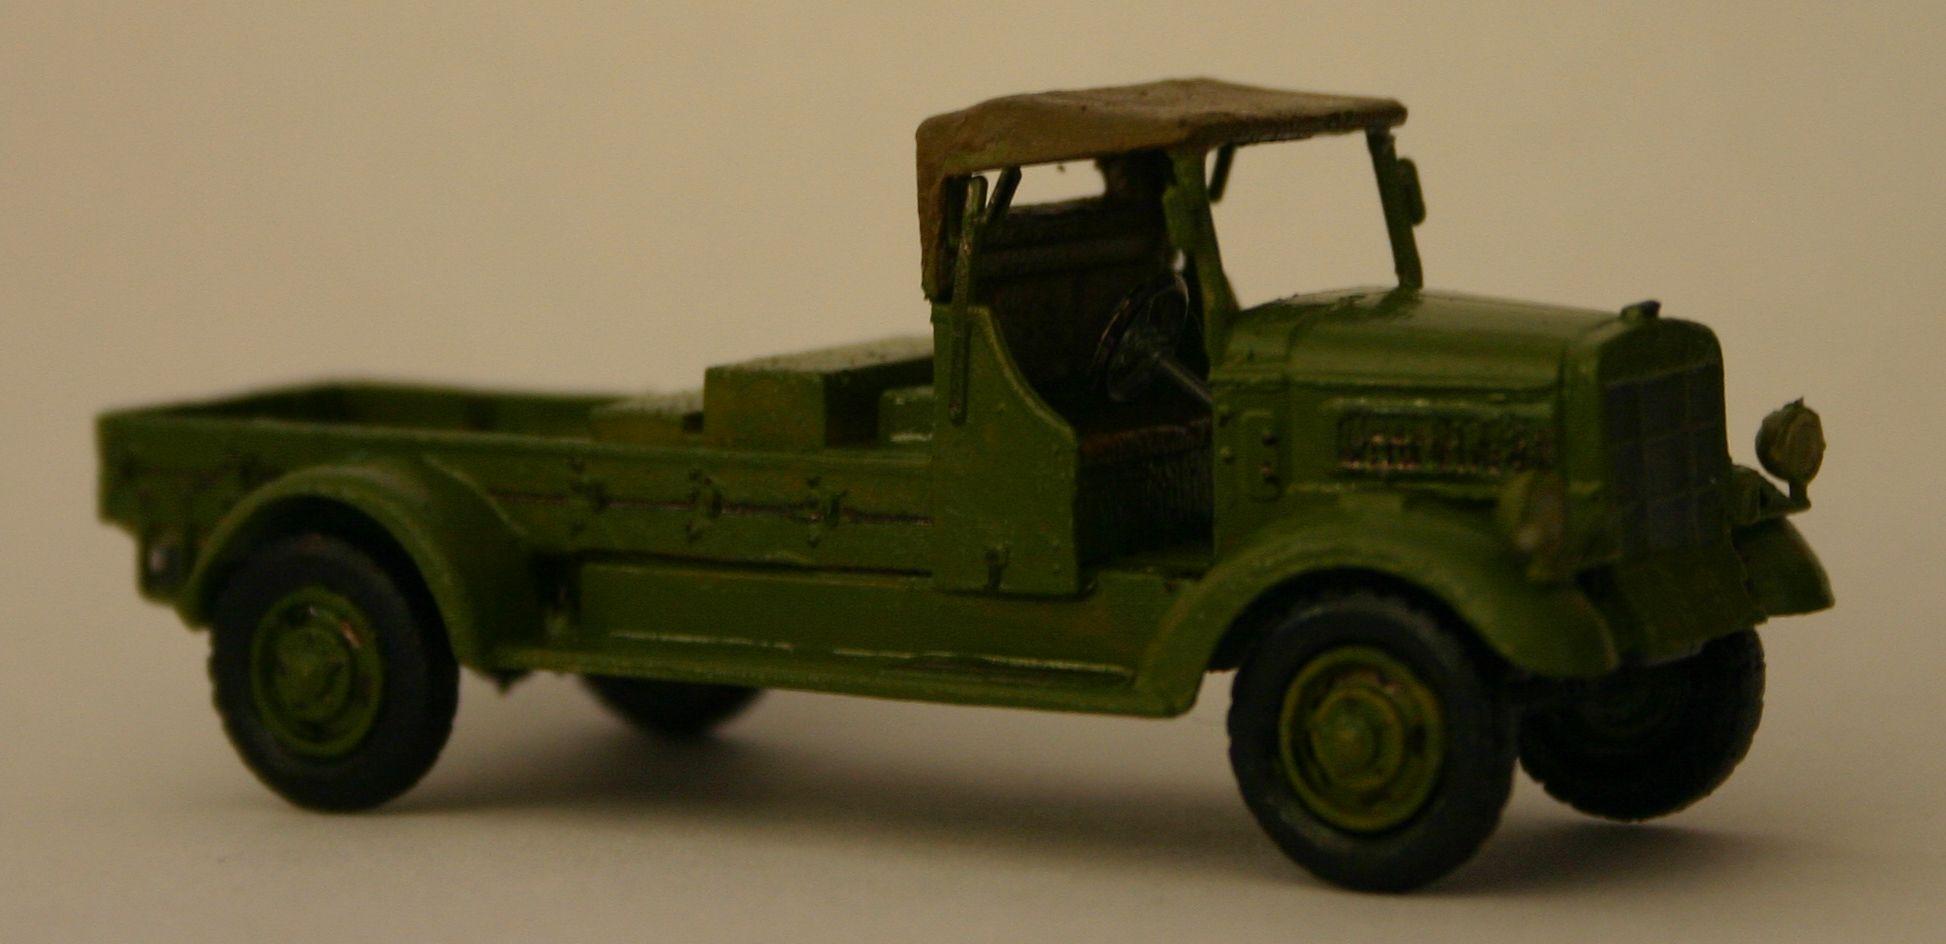 toyota kb kc truck   wikipedia